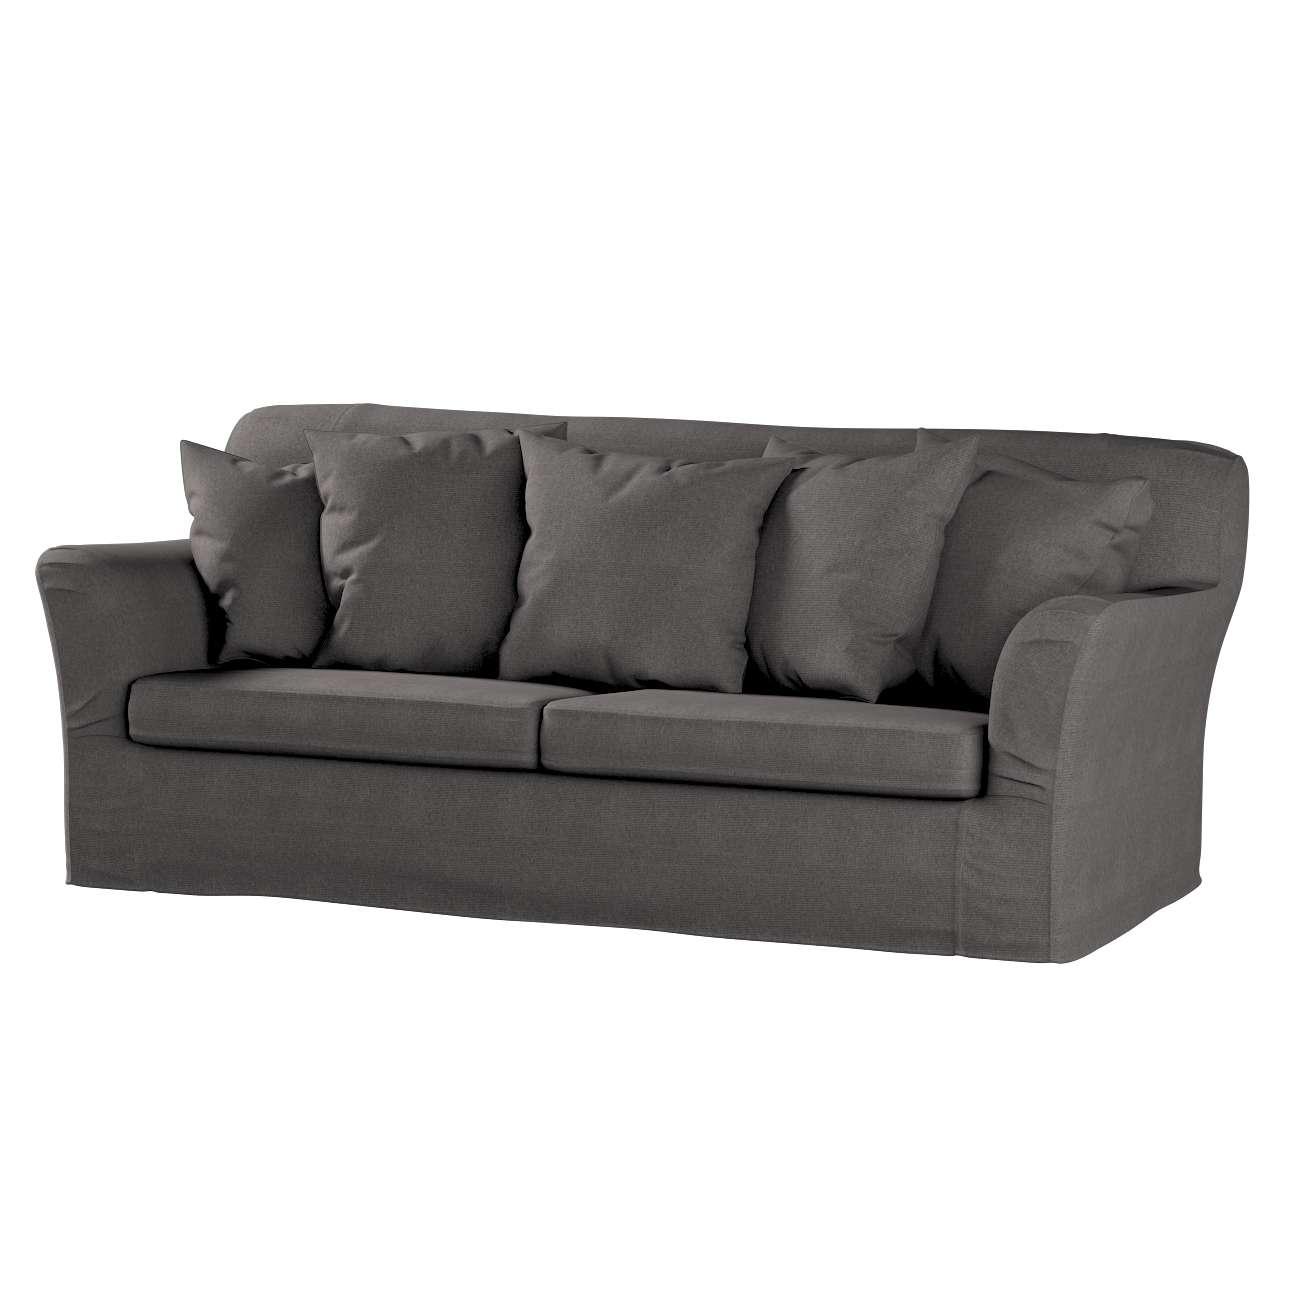 Pokrowiec na sofę Tomelilla rozkładaną Sofa Tomelilla rozkładana w kolekcji Etna , tkanina: 705-35